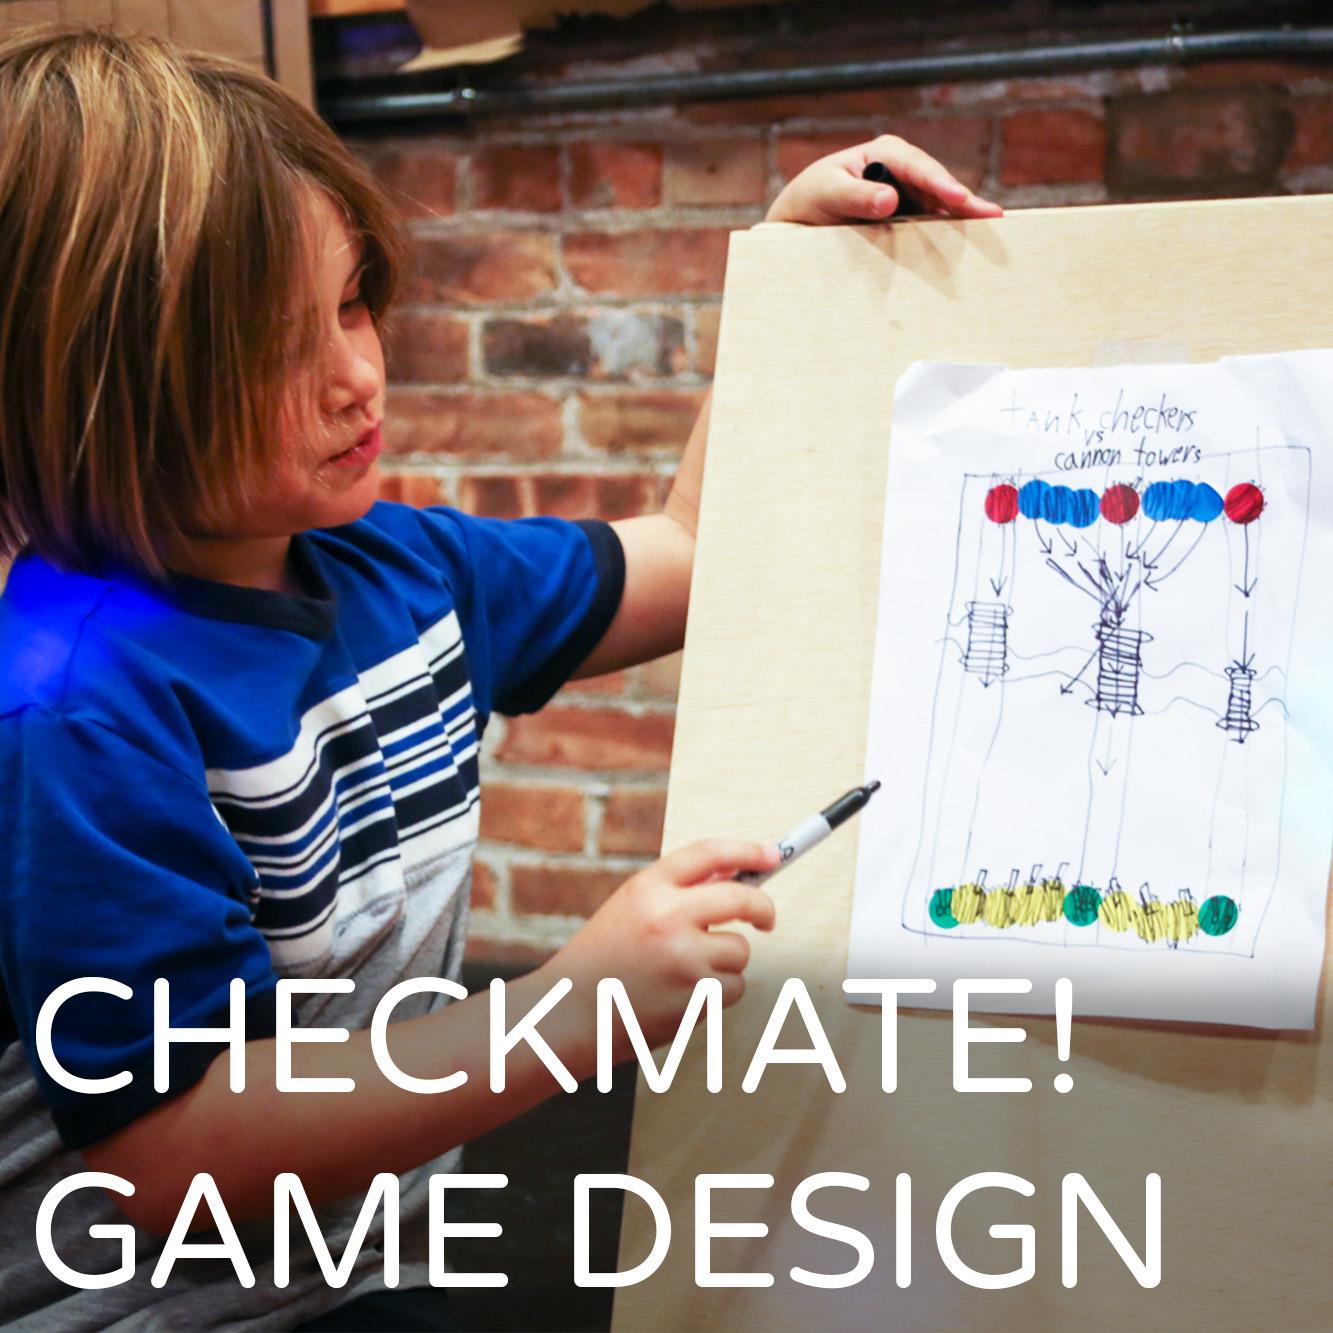 GameDesign2.jpg